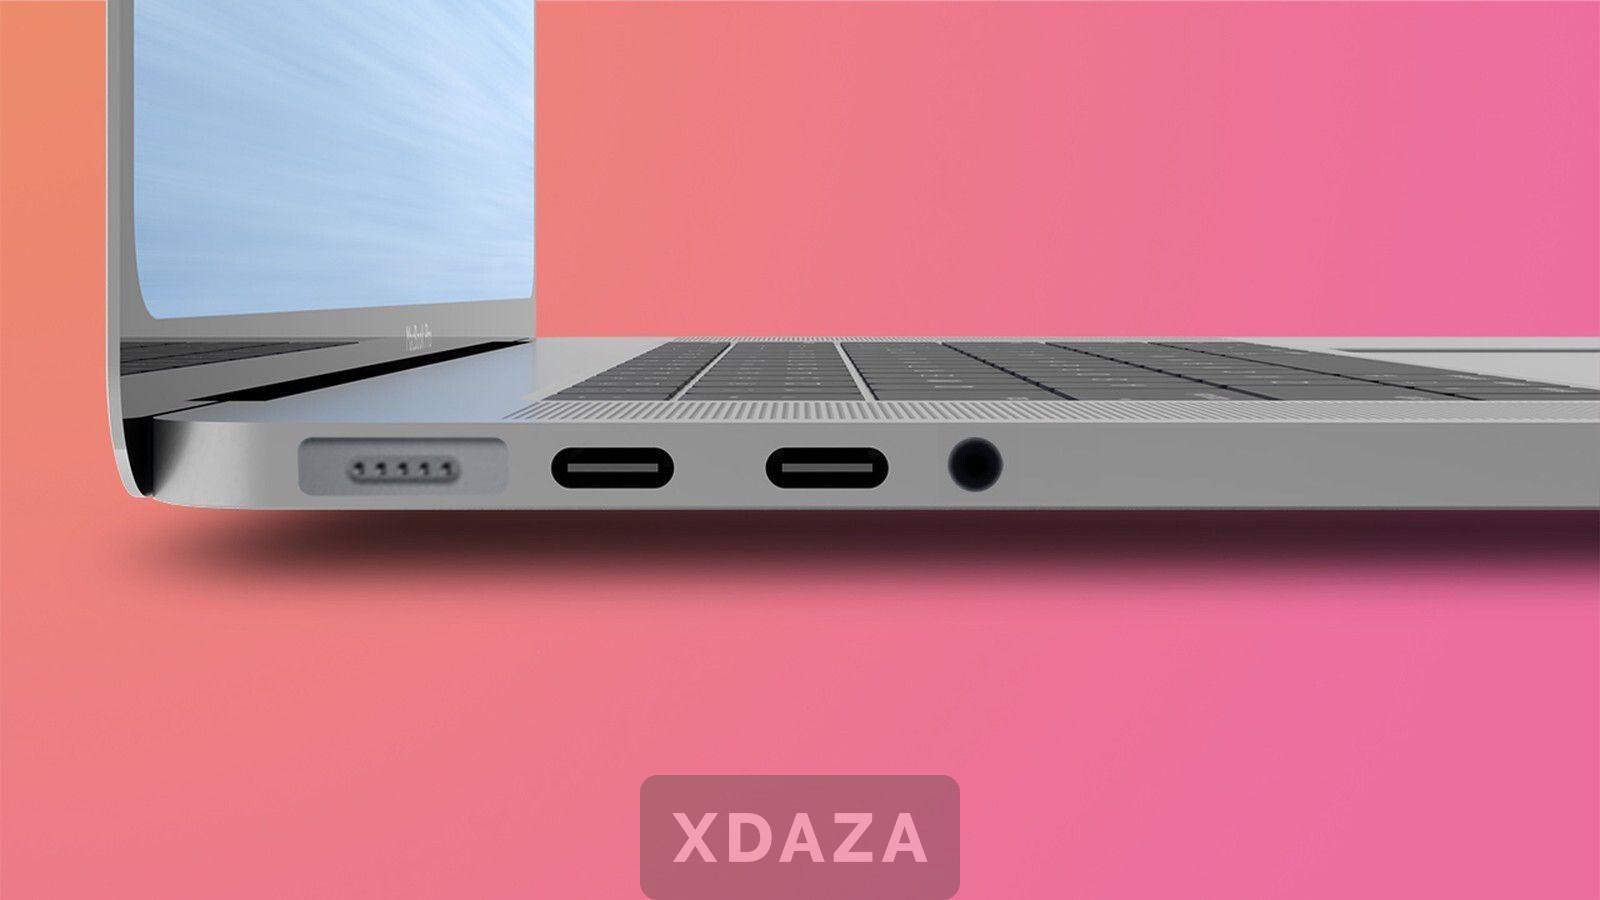 最新爆料:苹果WWDC 21会发布什么,新款14/16英寸MacBook Pro以及全新升级的iOS15